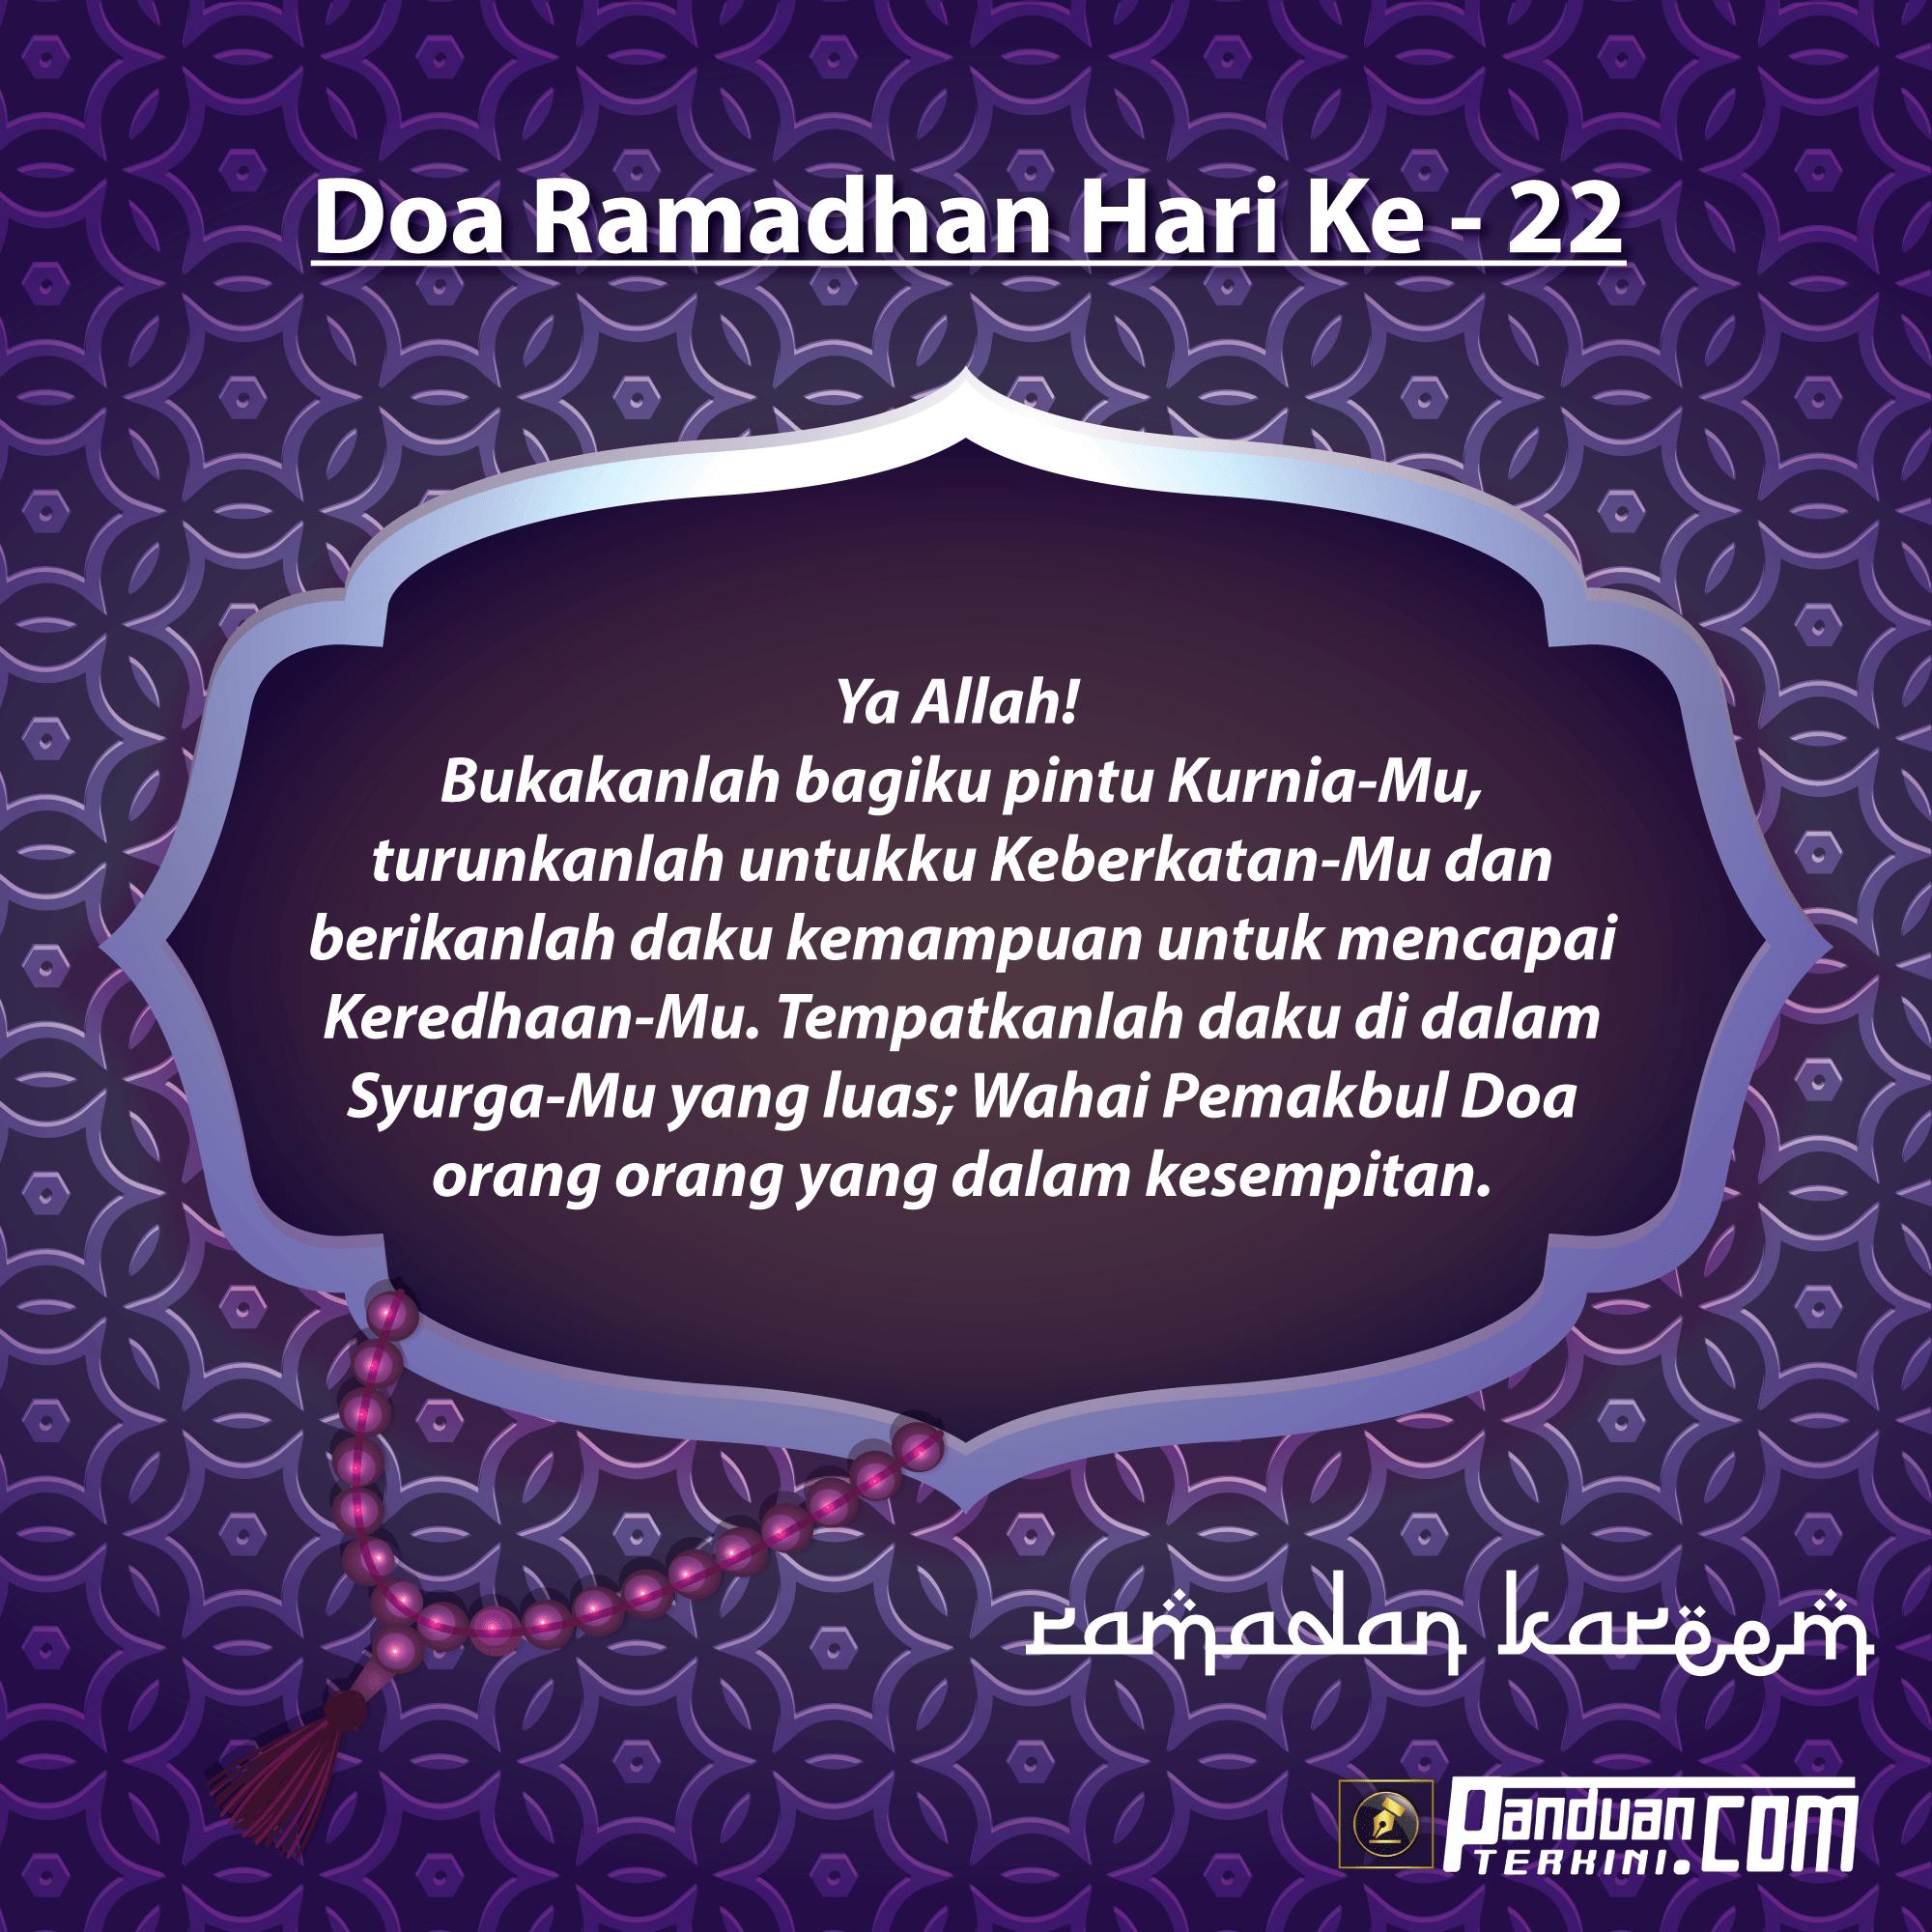 Doa Ramadhan Hari Ke-22